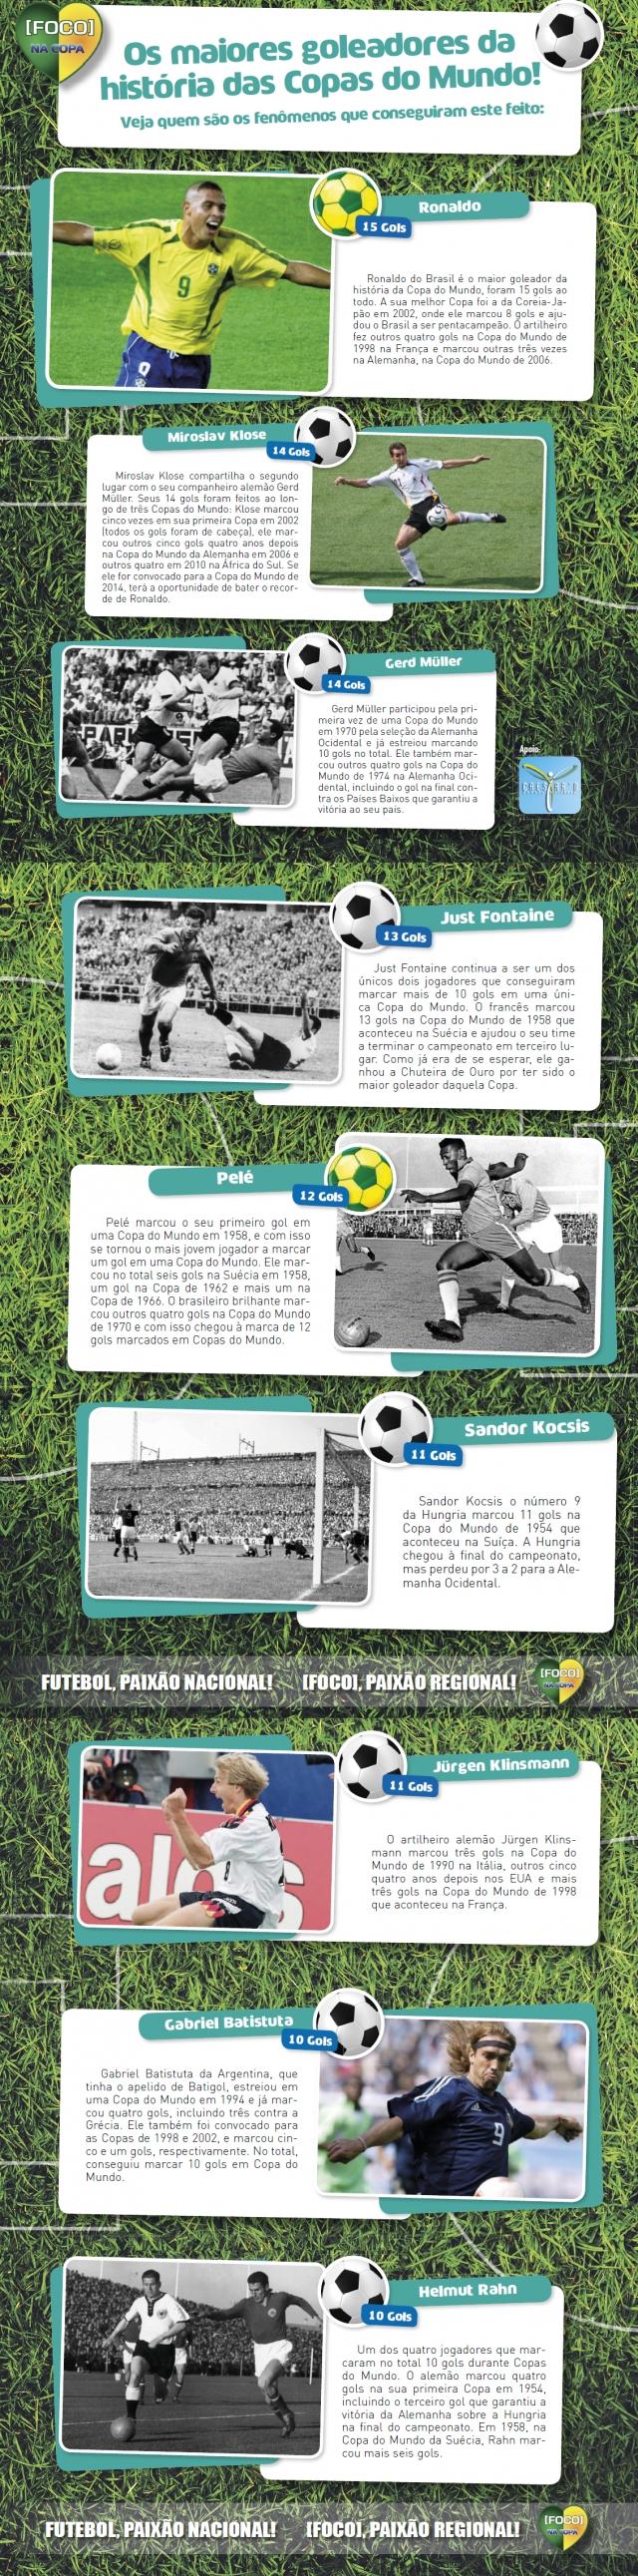 Os maiores goleadores da história das Copas do Mundo!